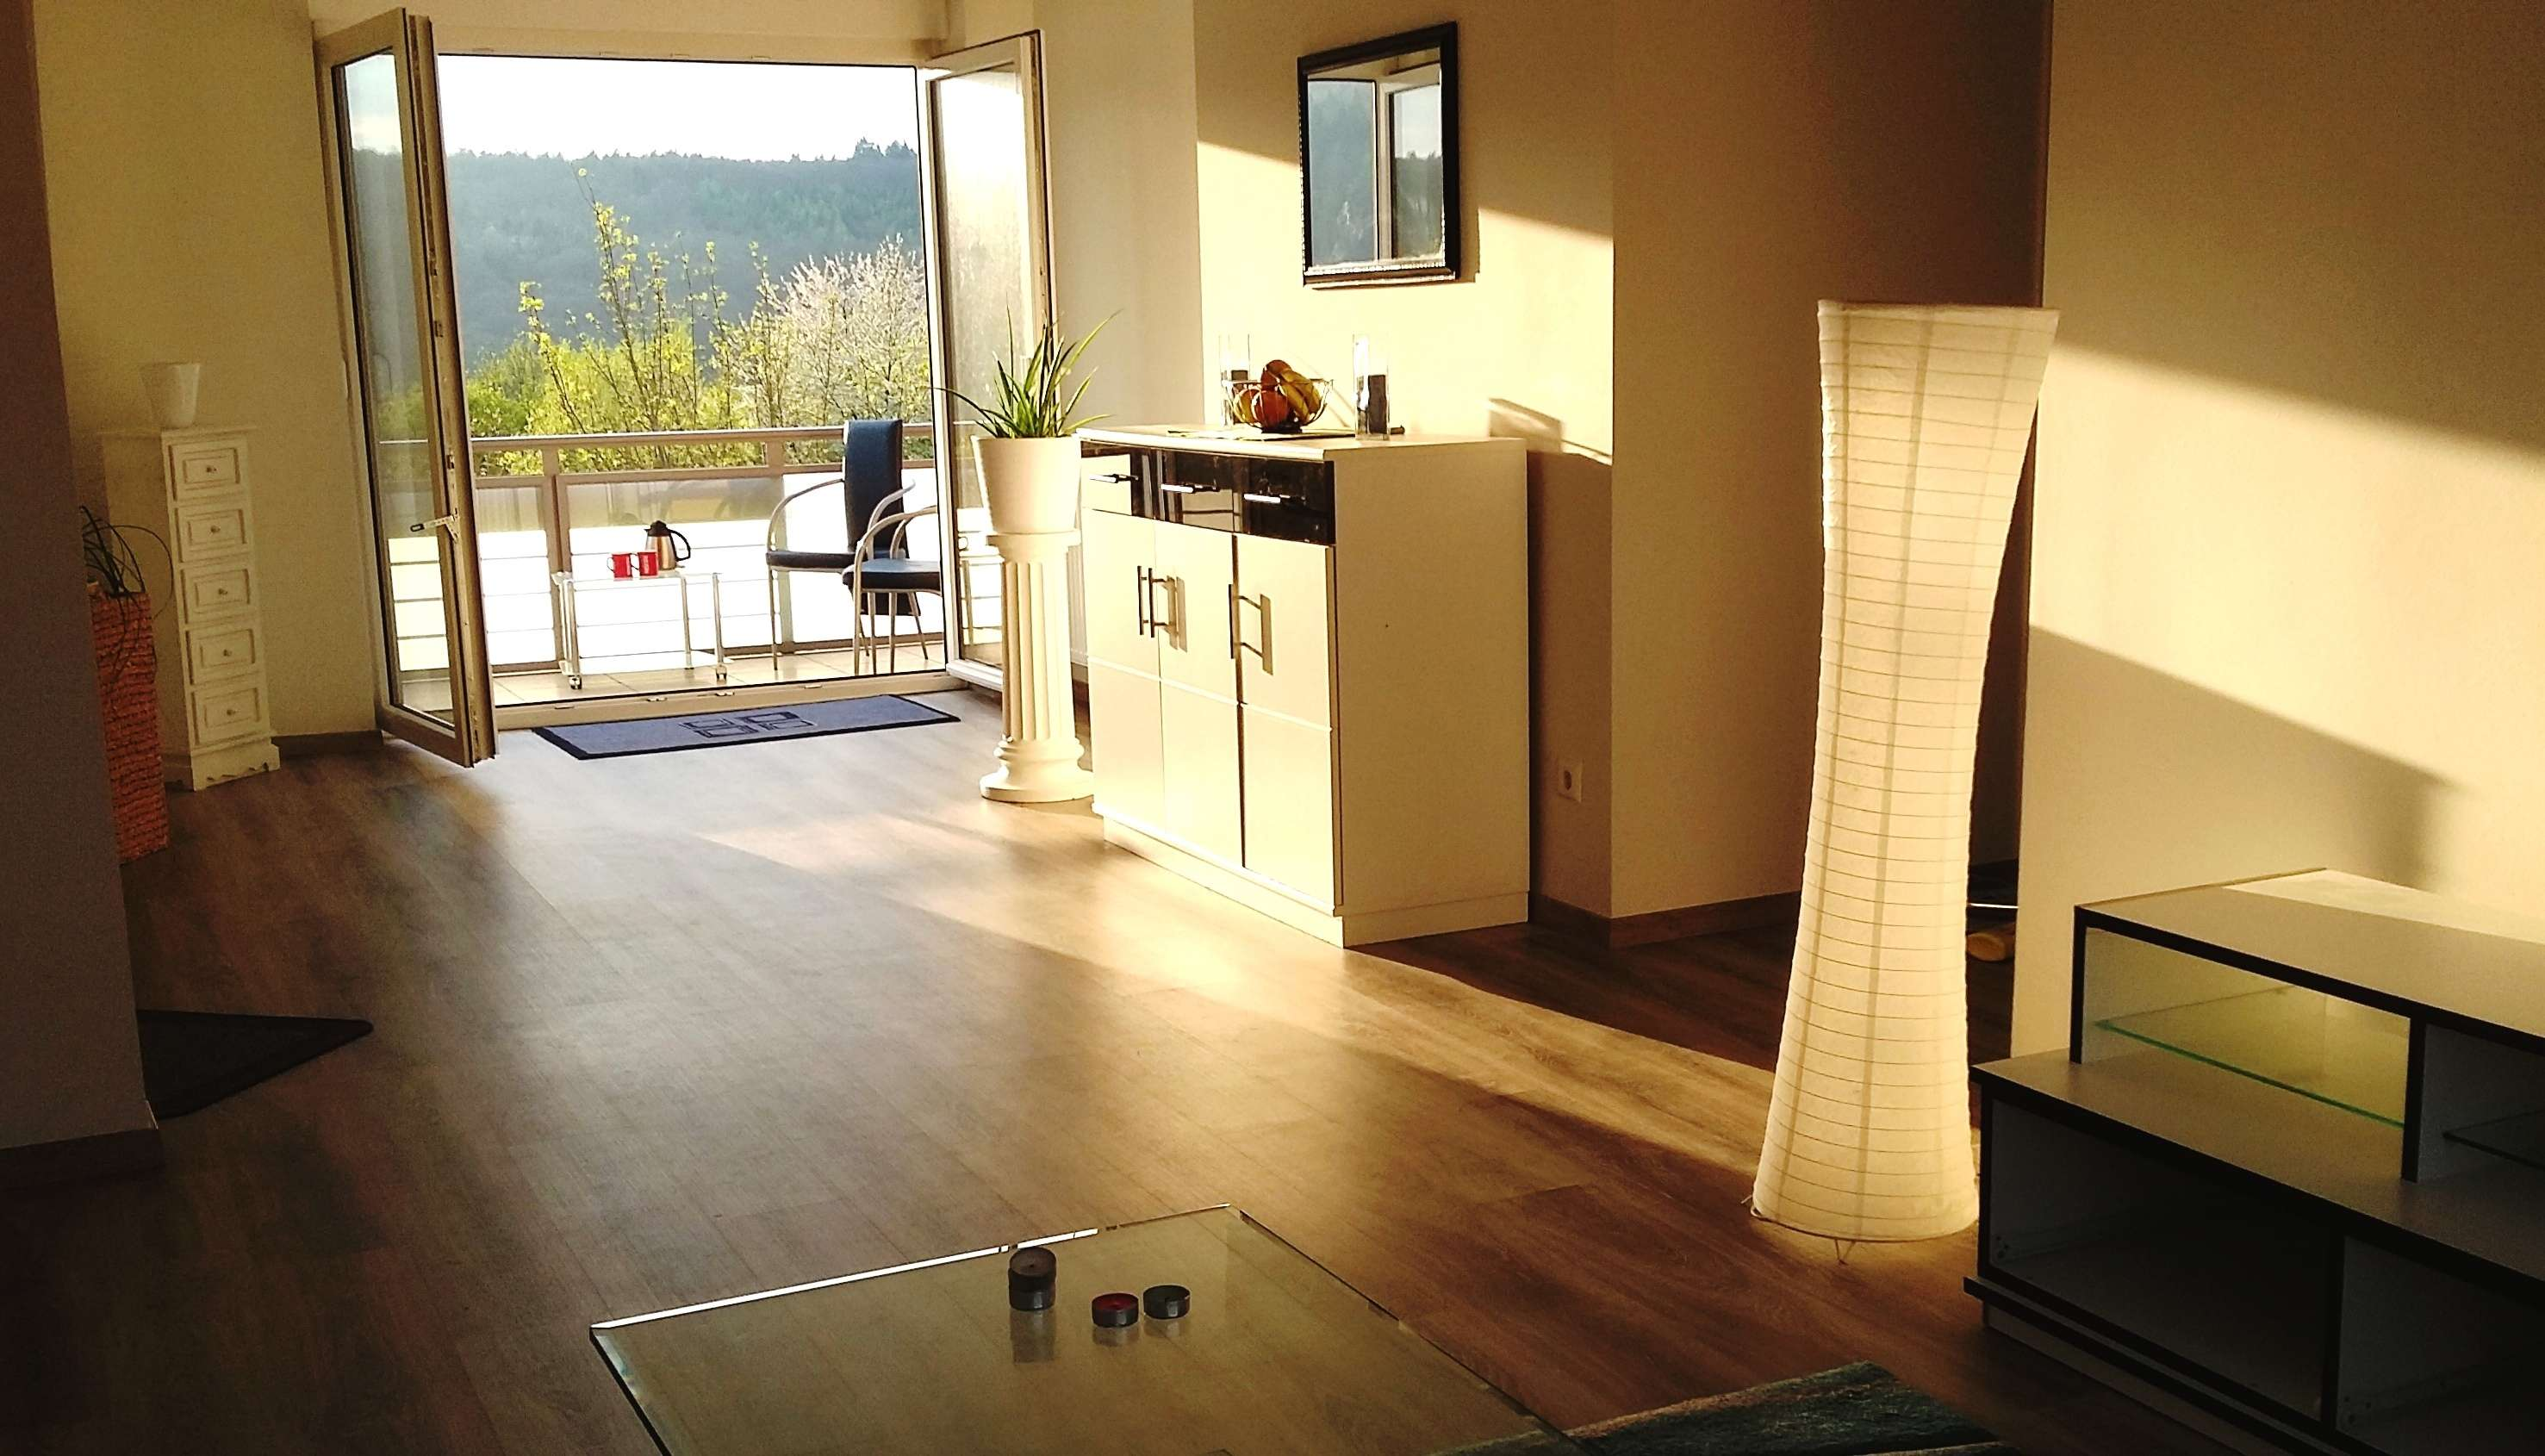 Zentral, kernsaniert, mit Balkon, 4-Zimmer-Wohnung in Bad Kissingen in Bad Kissingen